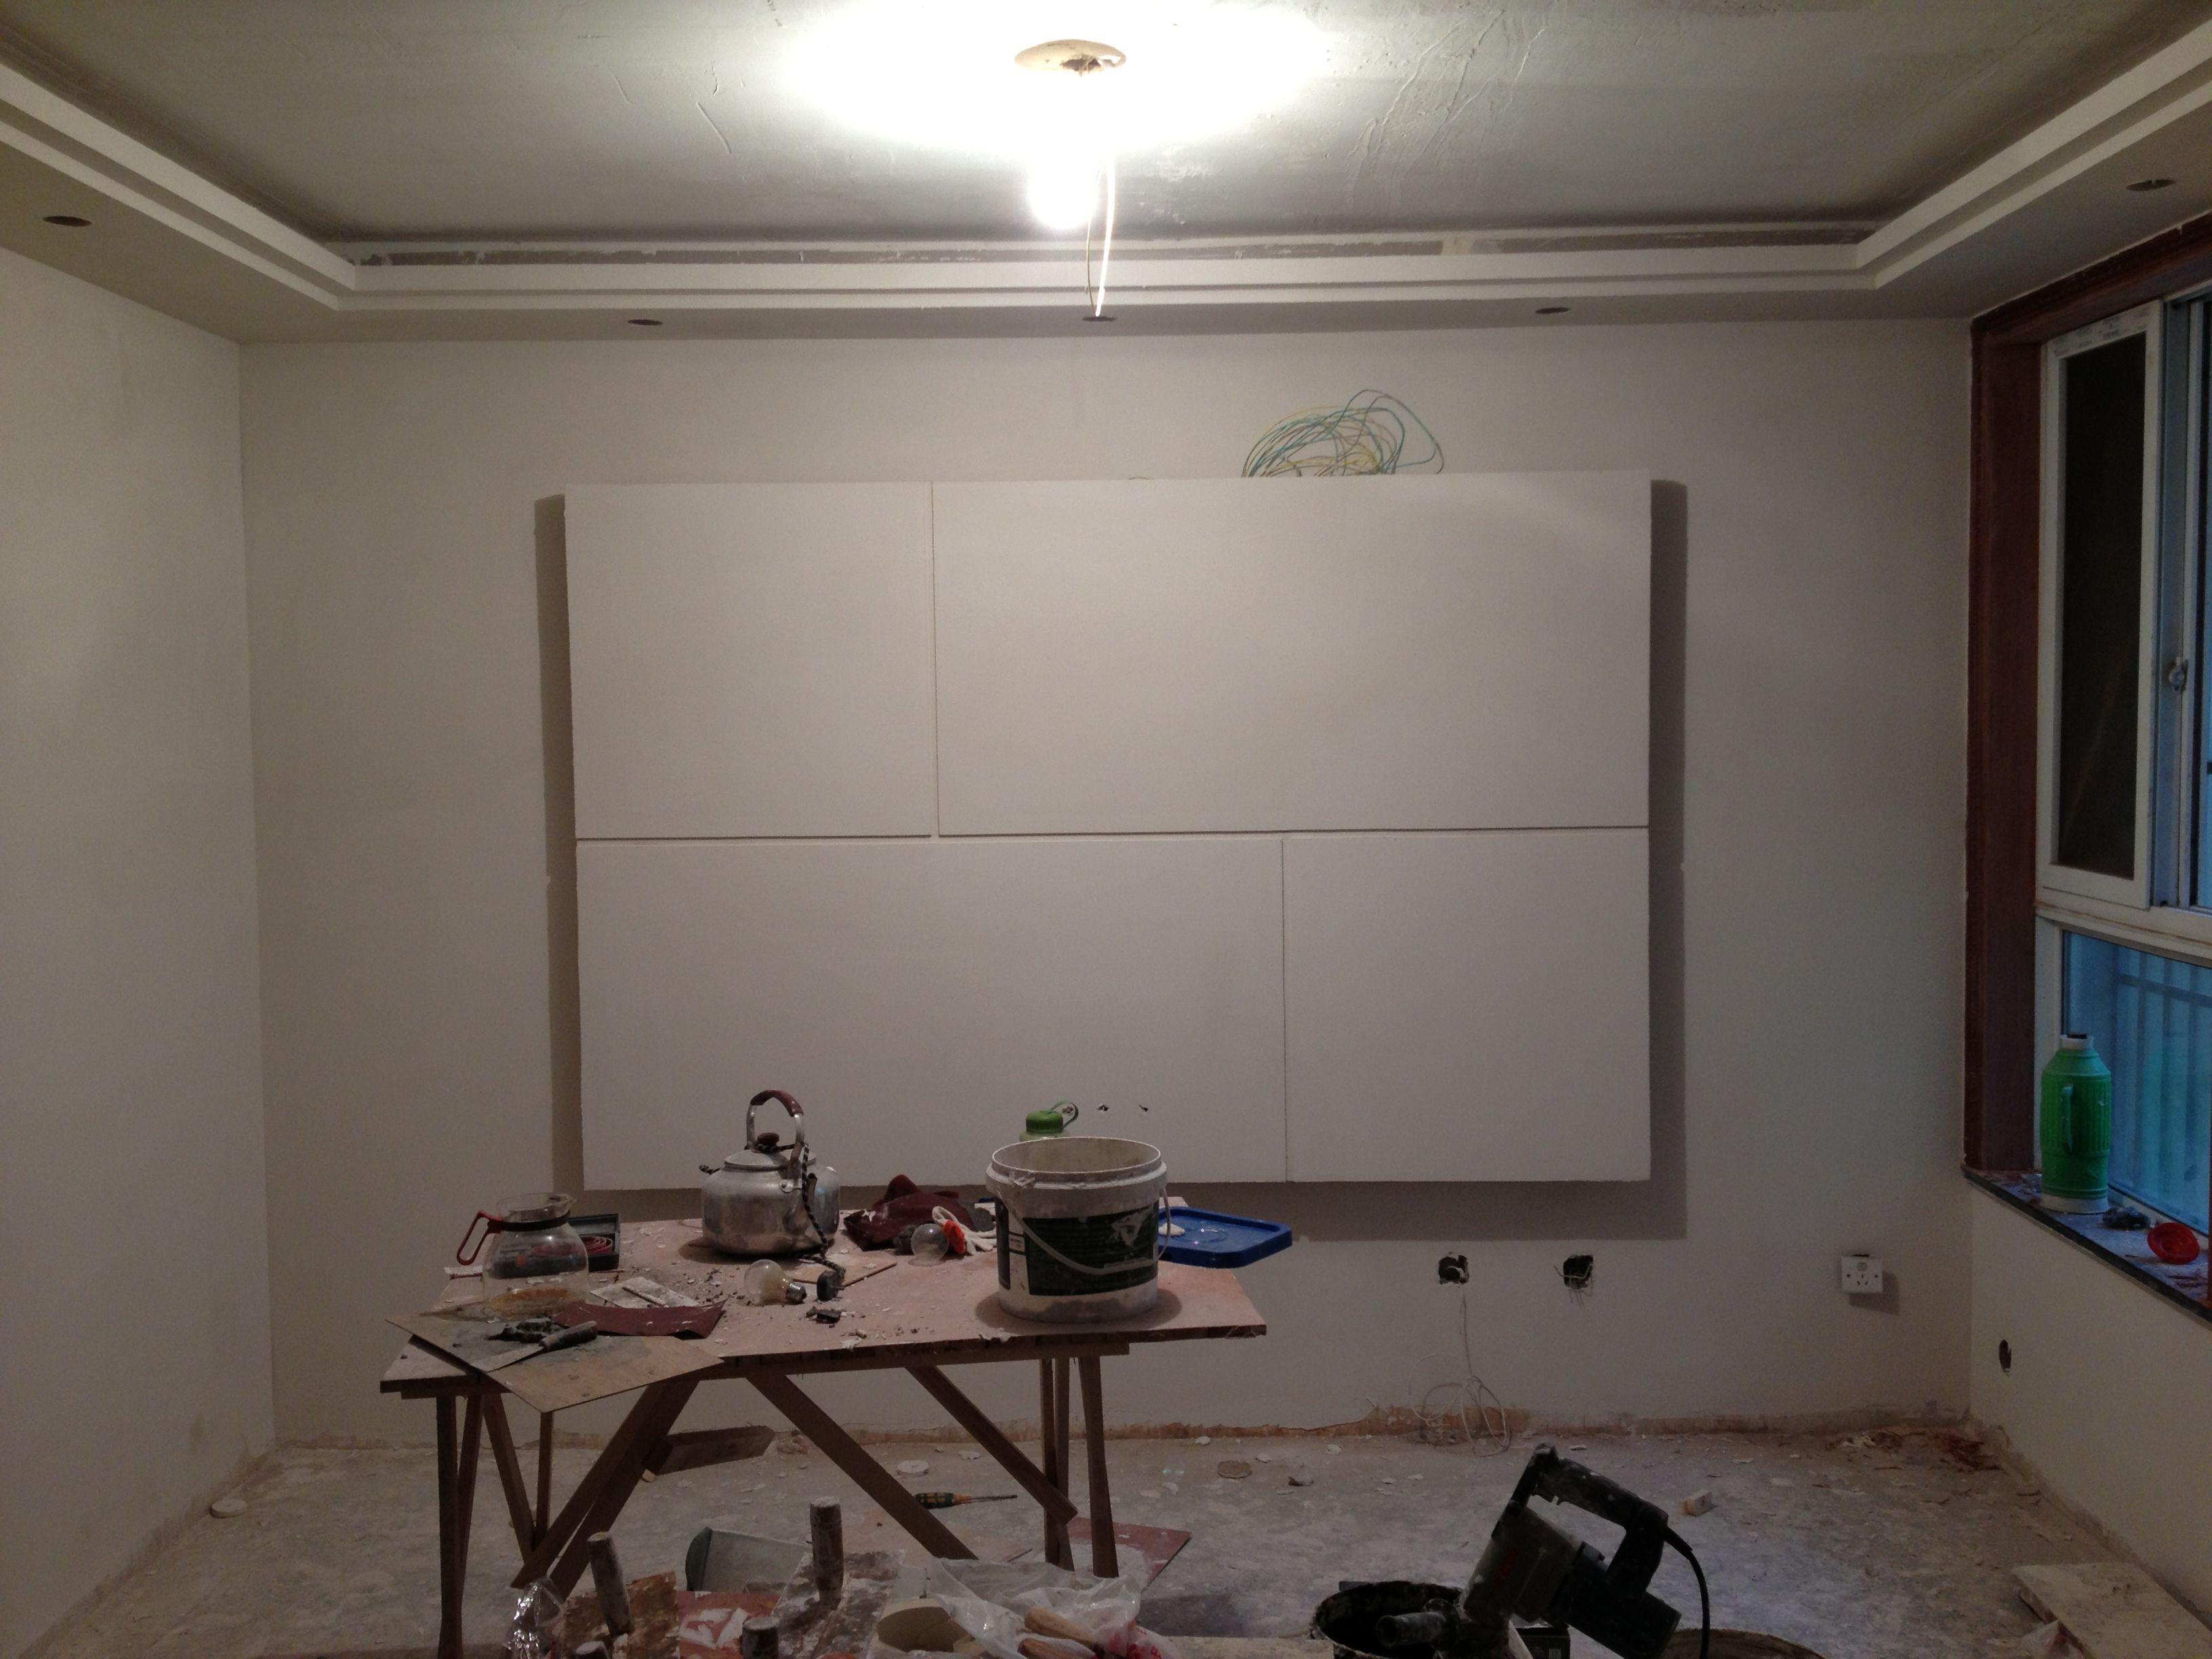 跪求各路大神指点关于装修客厅电视机背景墙设计图片